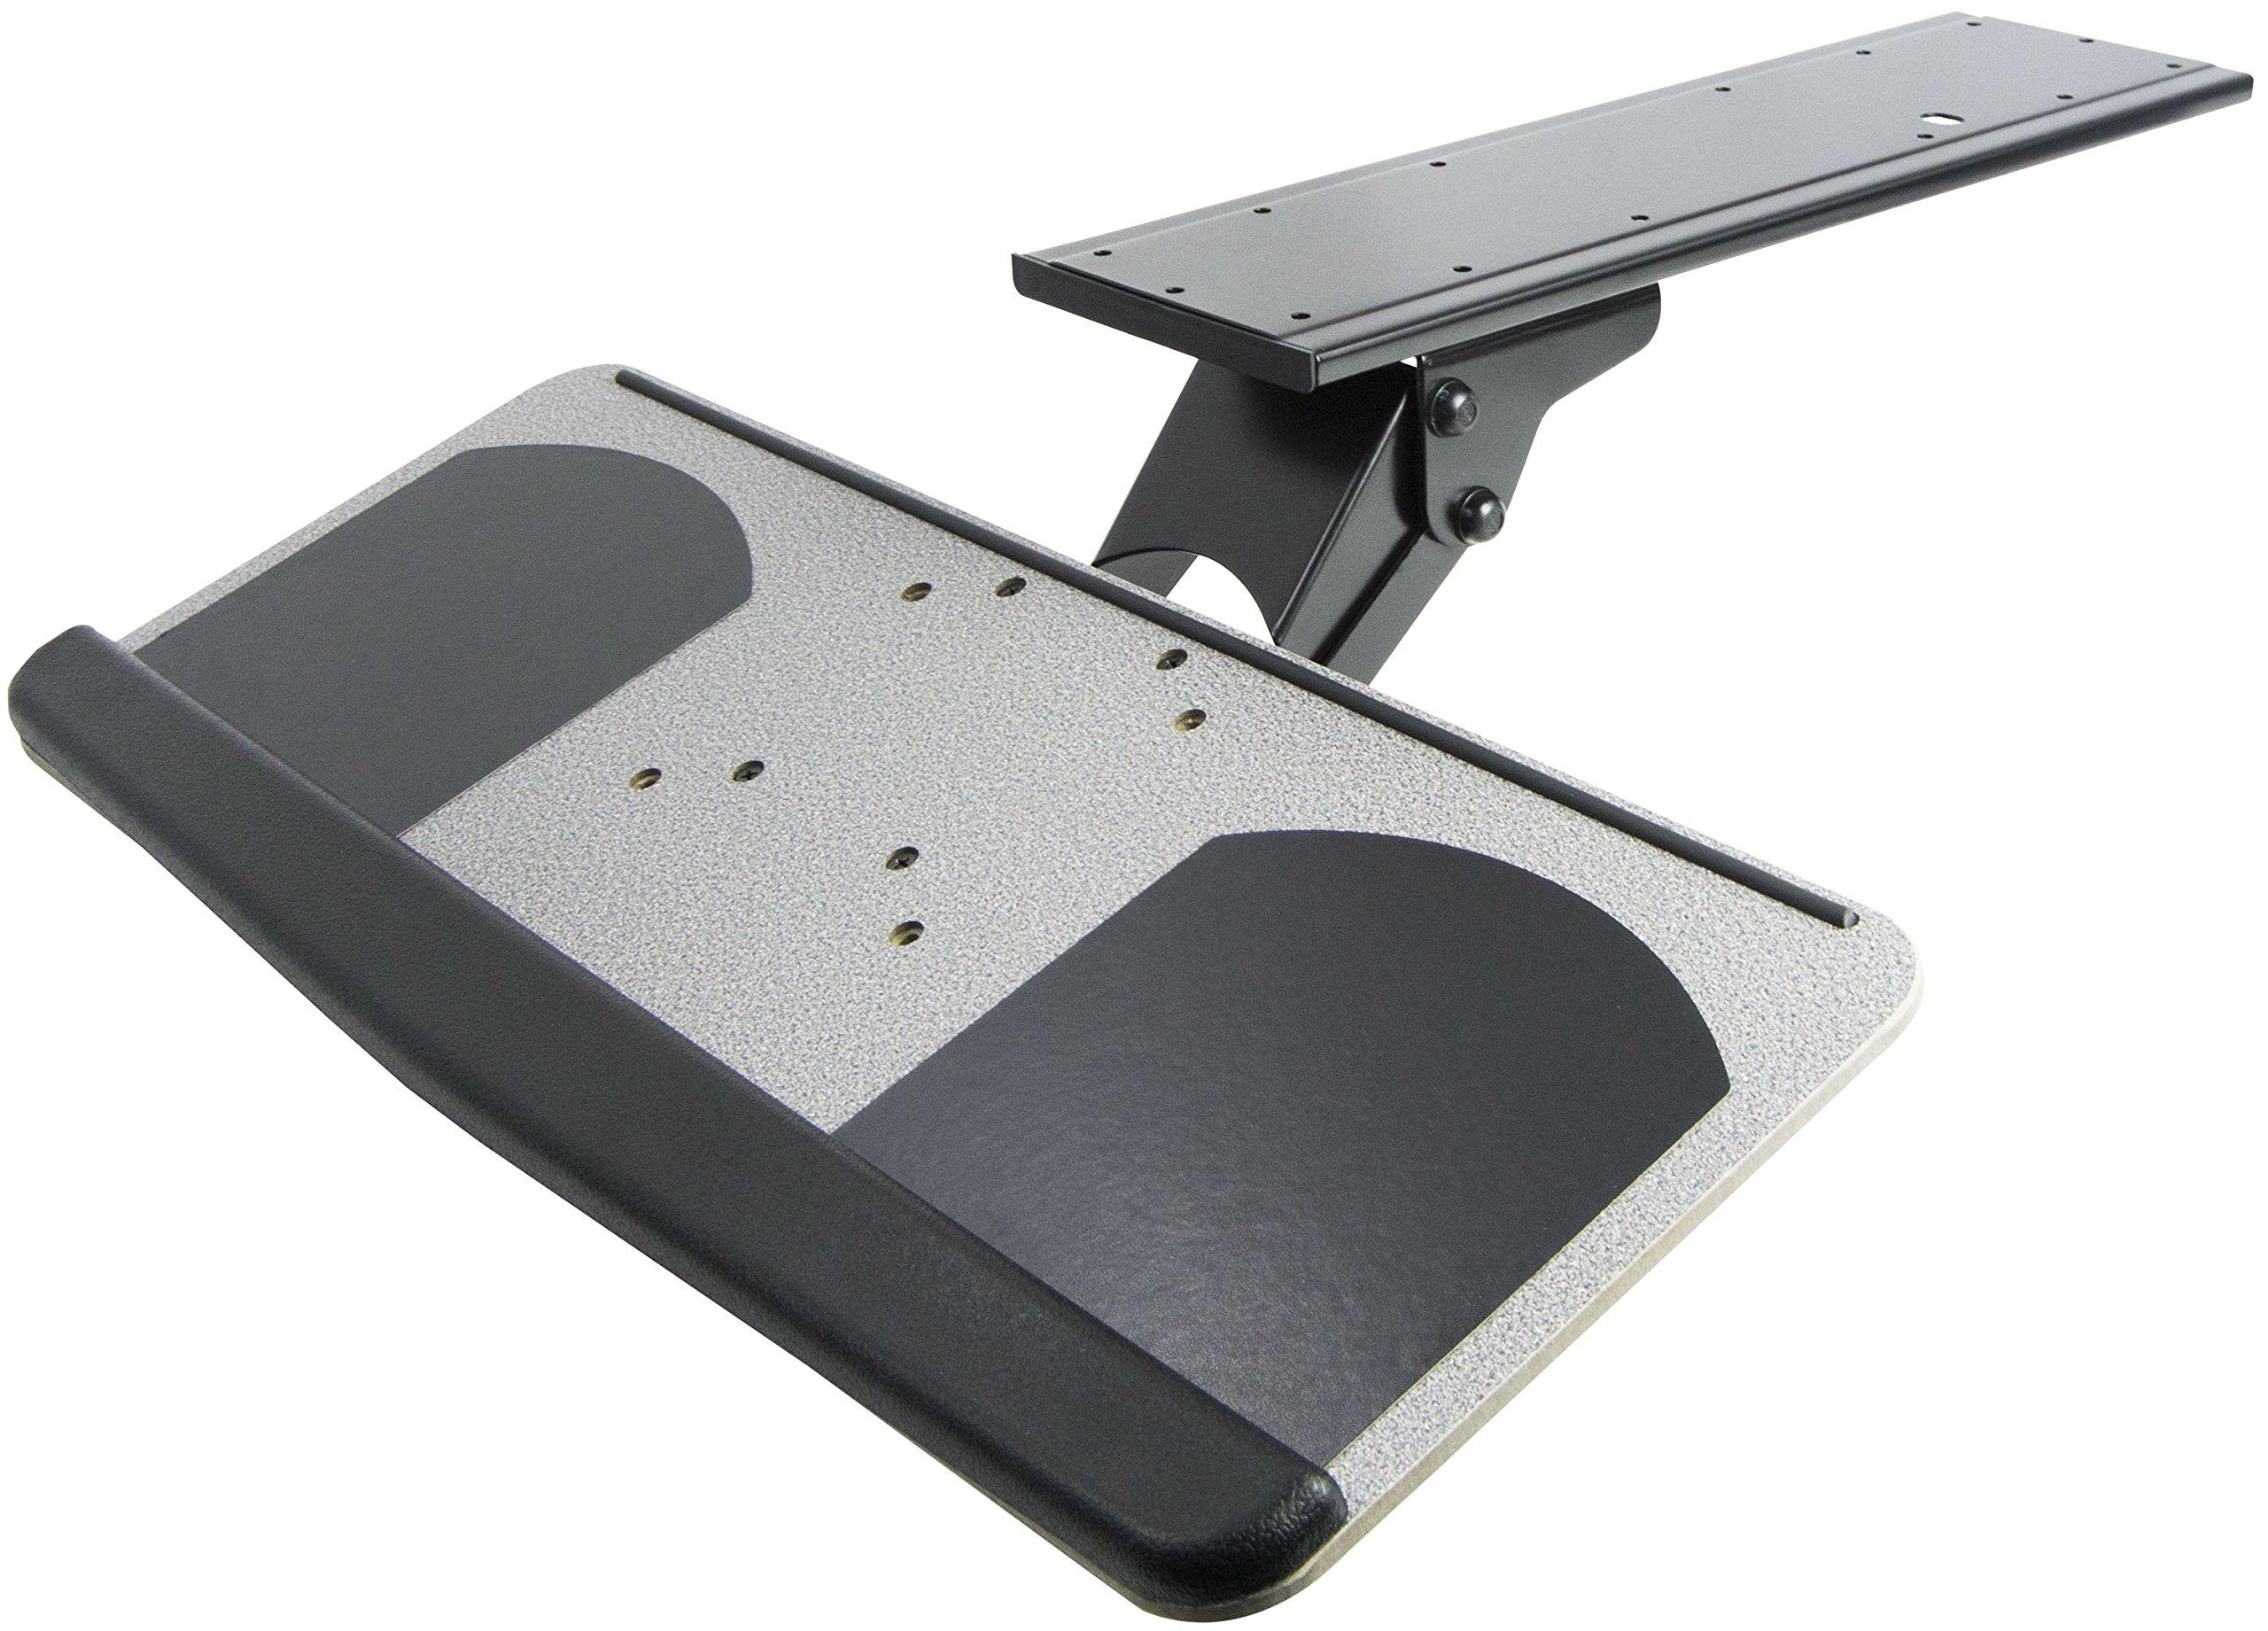 VIVO Adjustable Computer Keyboard & Mouse Platform Tray Ergonomic Under Table Desk Mount Drawer (MOUNT-KB01)